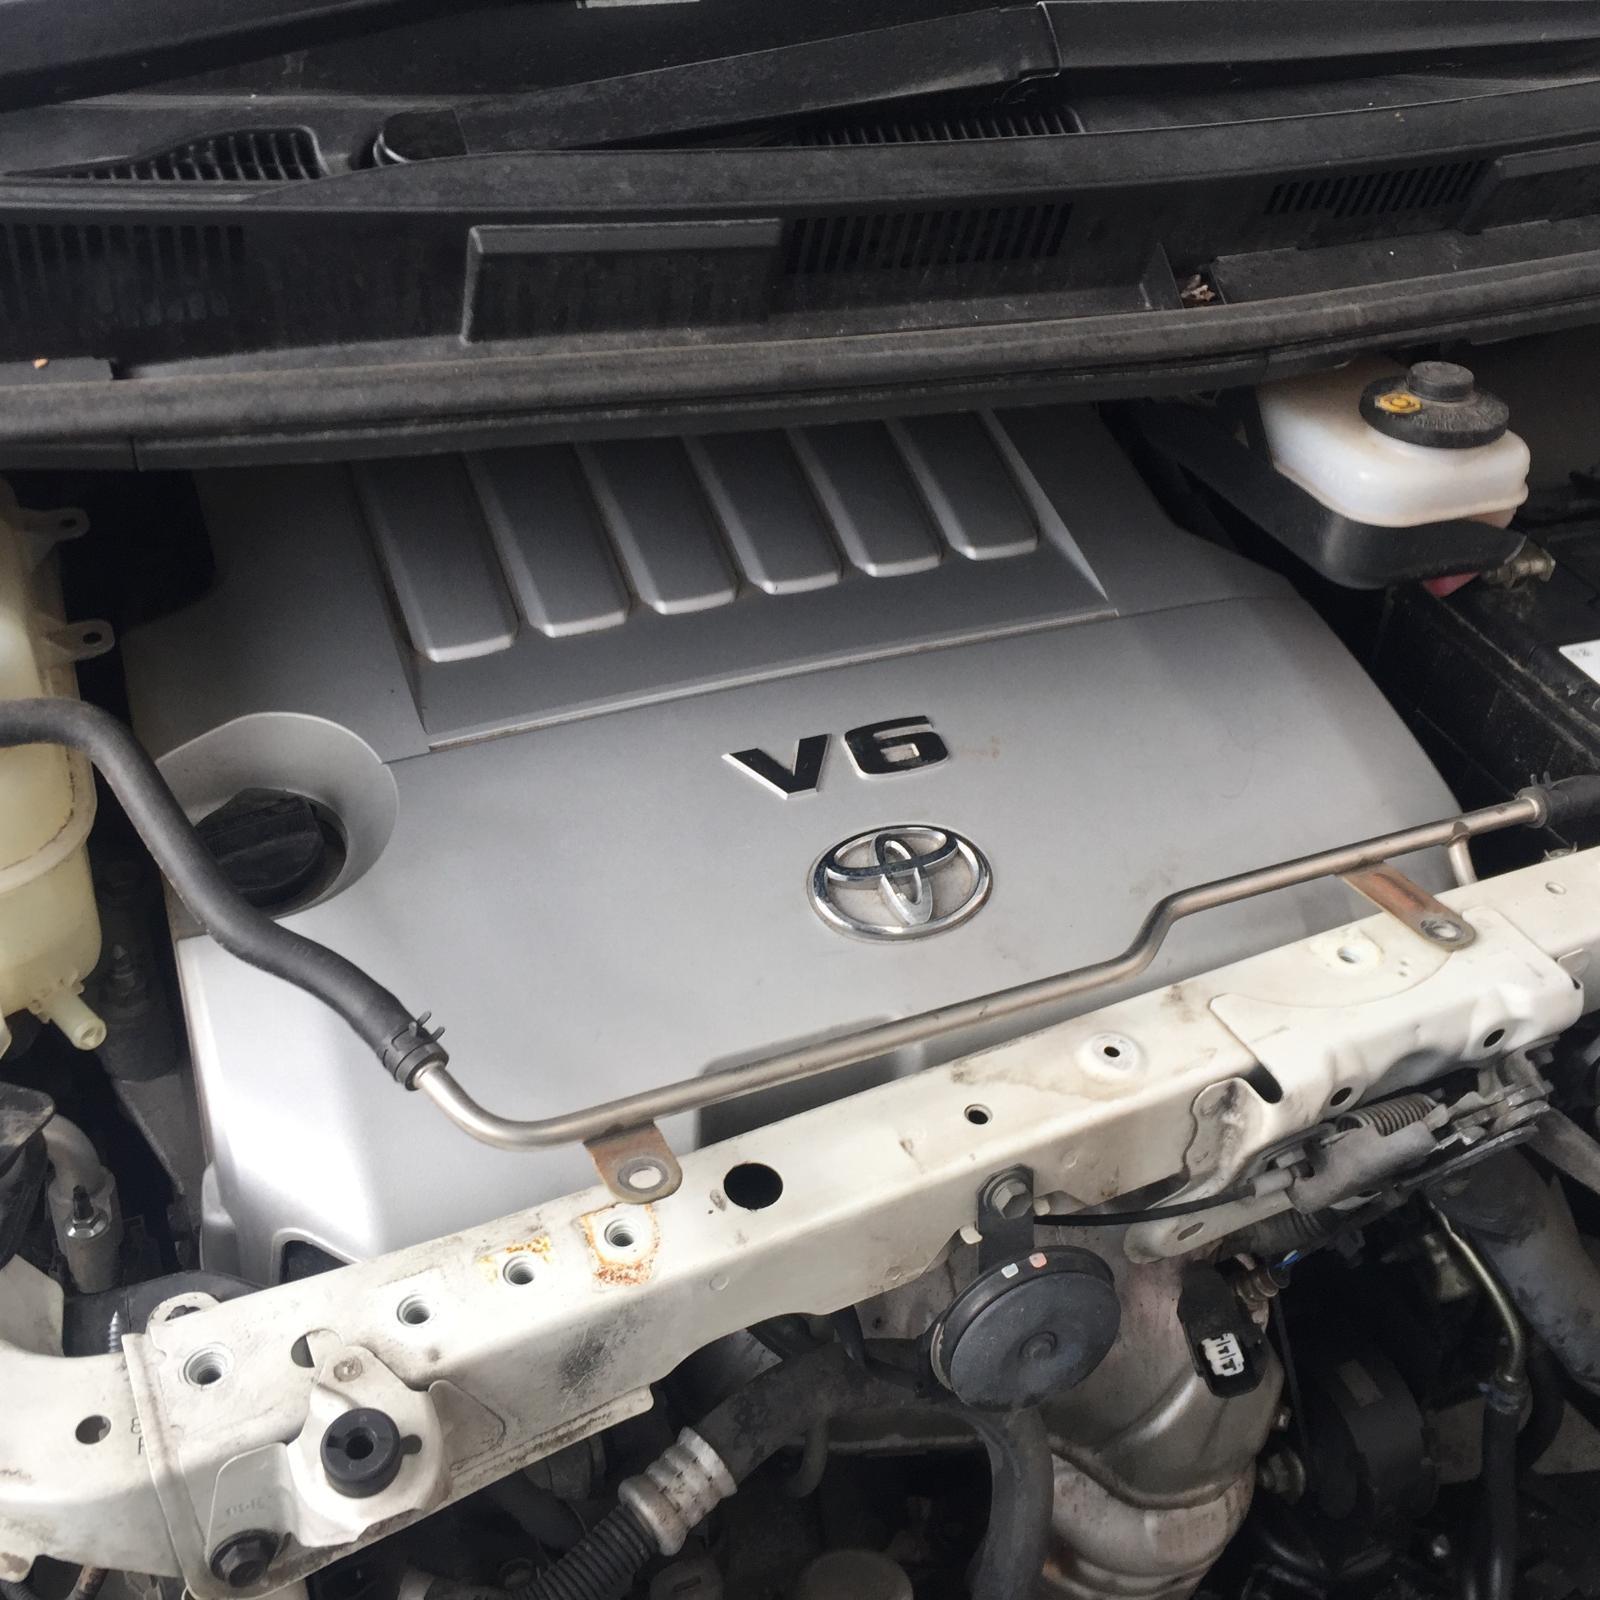 TOYOTA ESTIMA, Engine, PETROL, 3.5, 2GR-FE, XR50, 05-